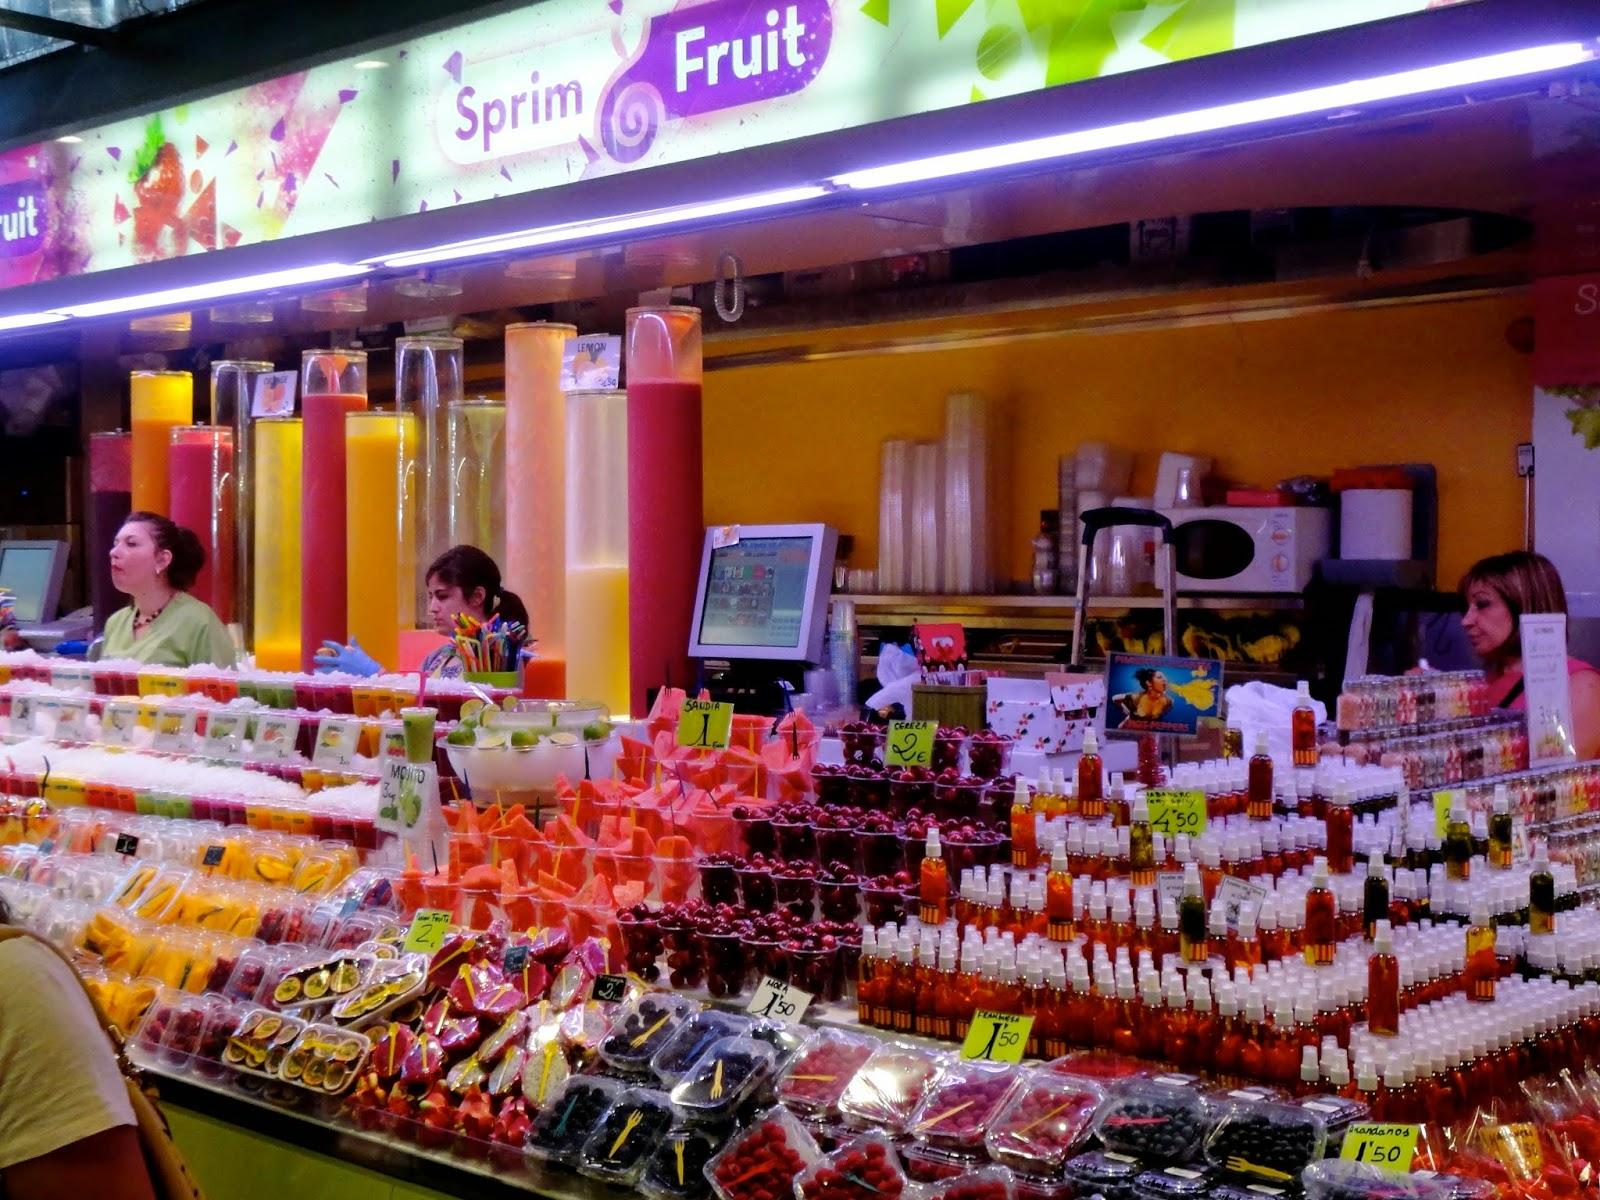 Fruit market stall in Barcelona